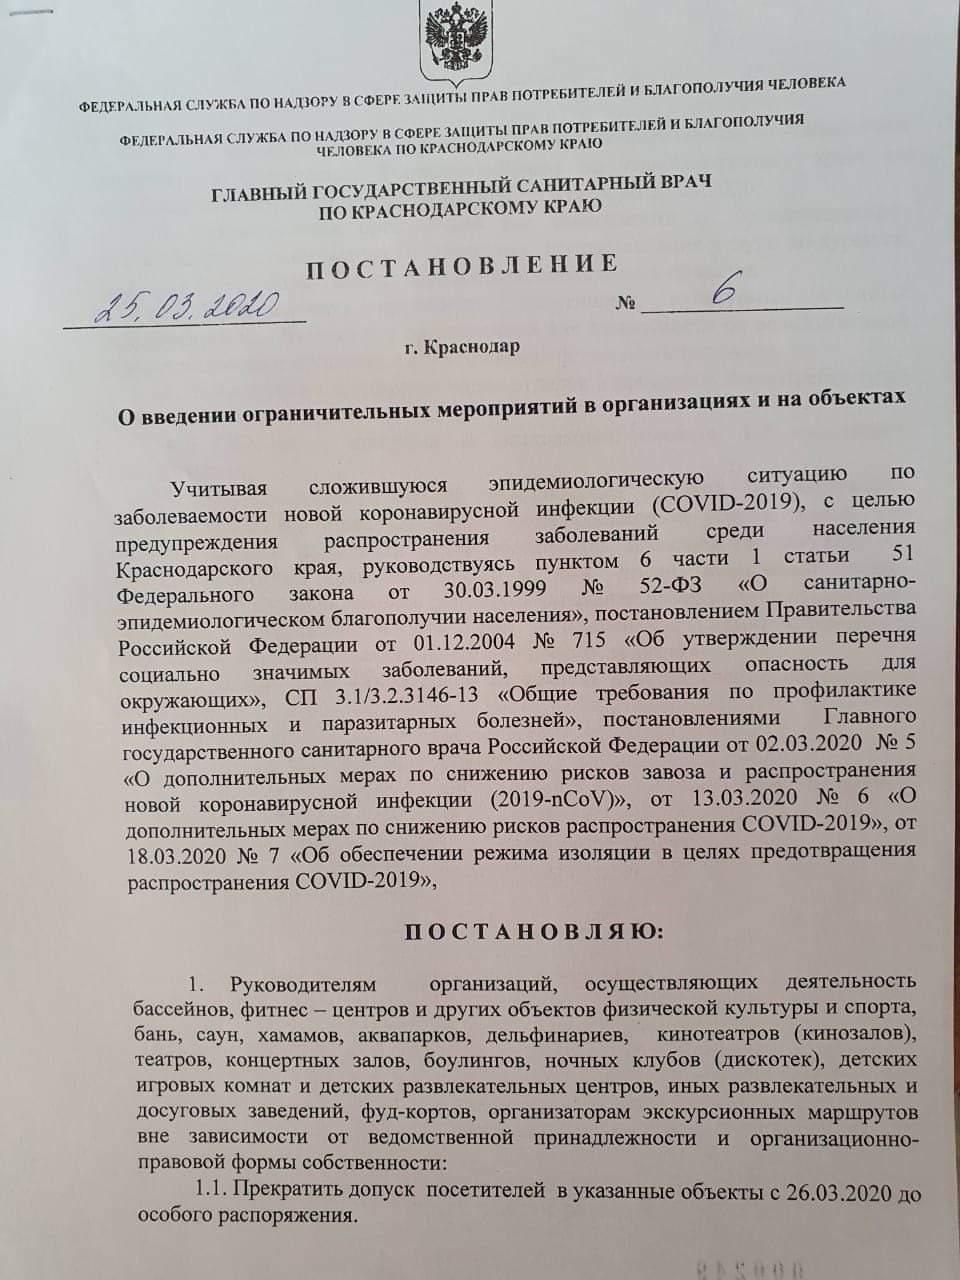 Фрагмент постановления о закрытии фитнес-клубов в Краснодаре.